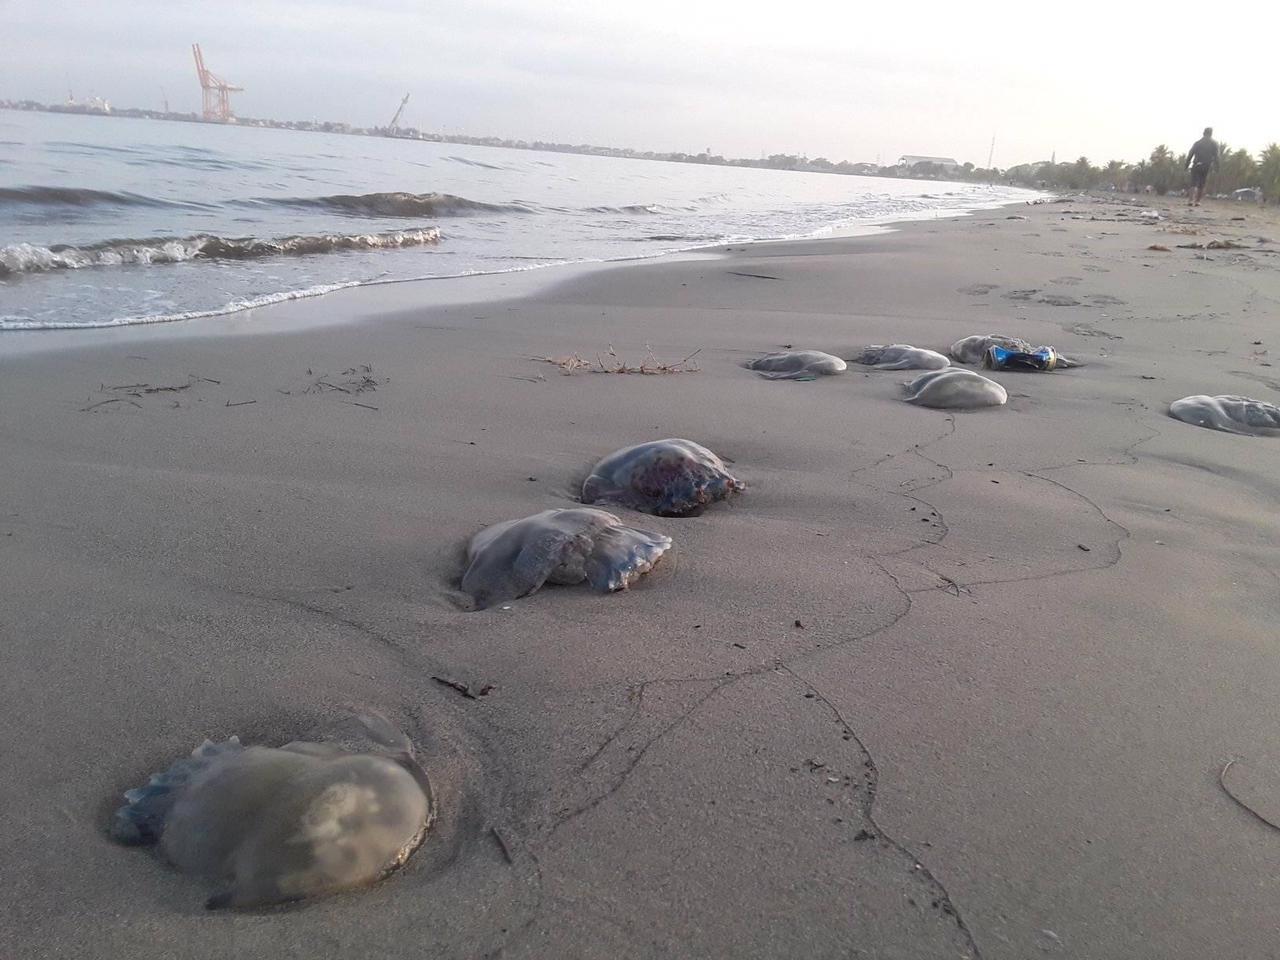 Autoridades investigan muerte de medusas encontradas en playa de Puerto Cortés